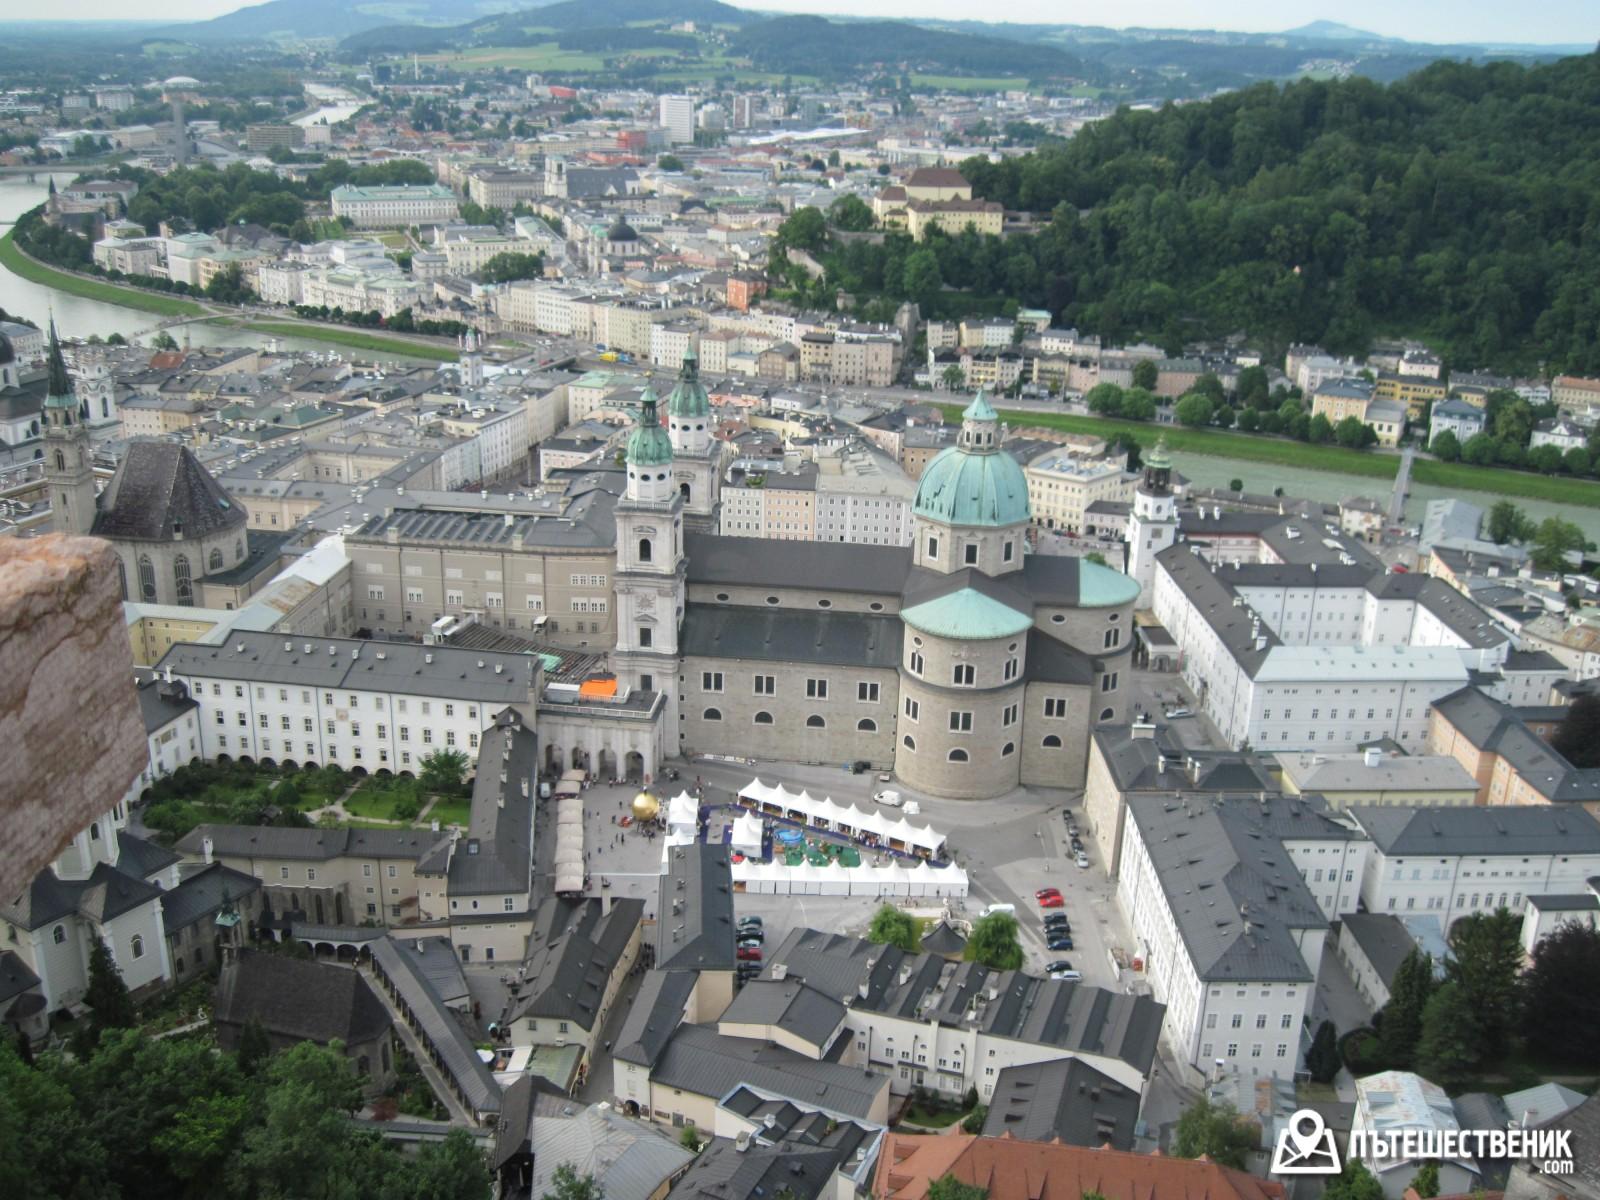 17-salzburg